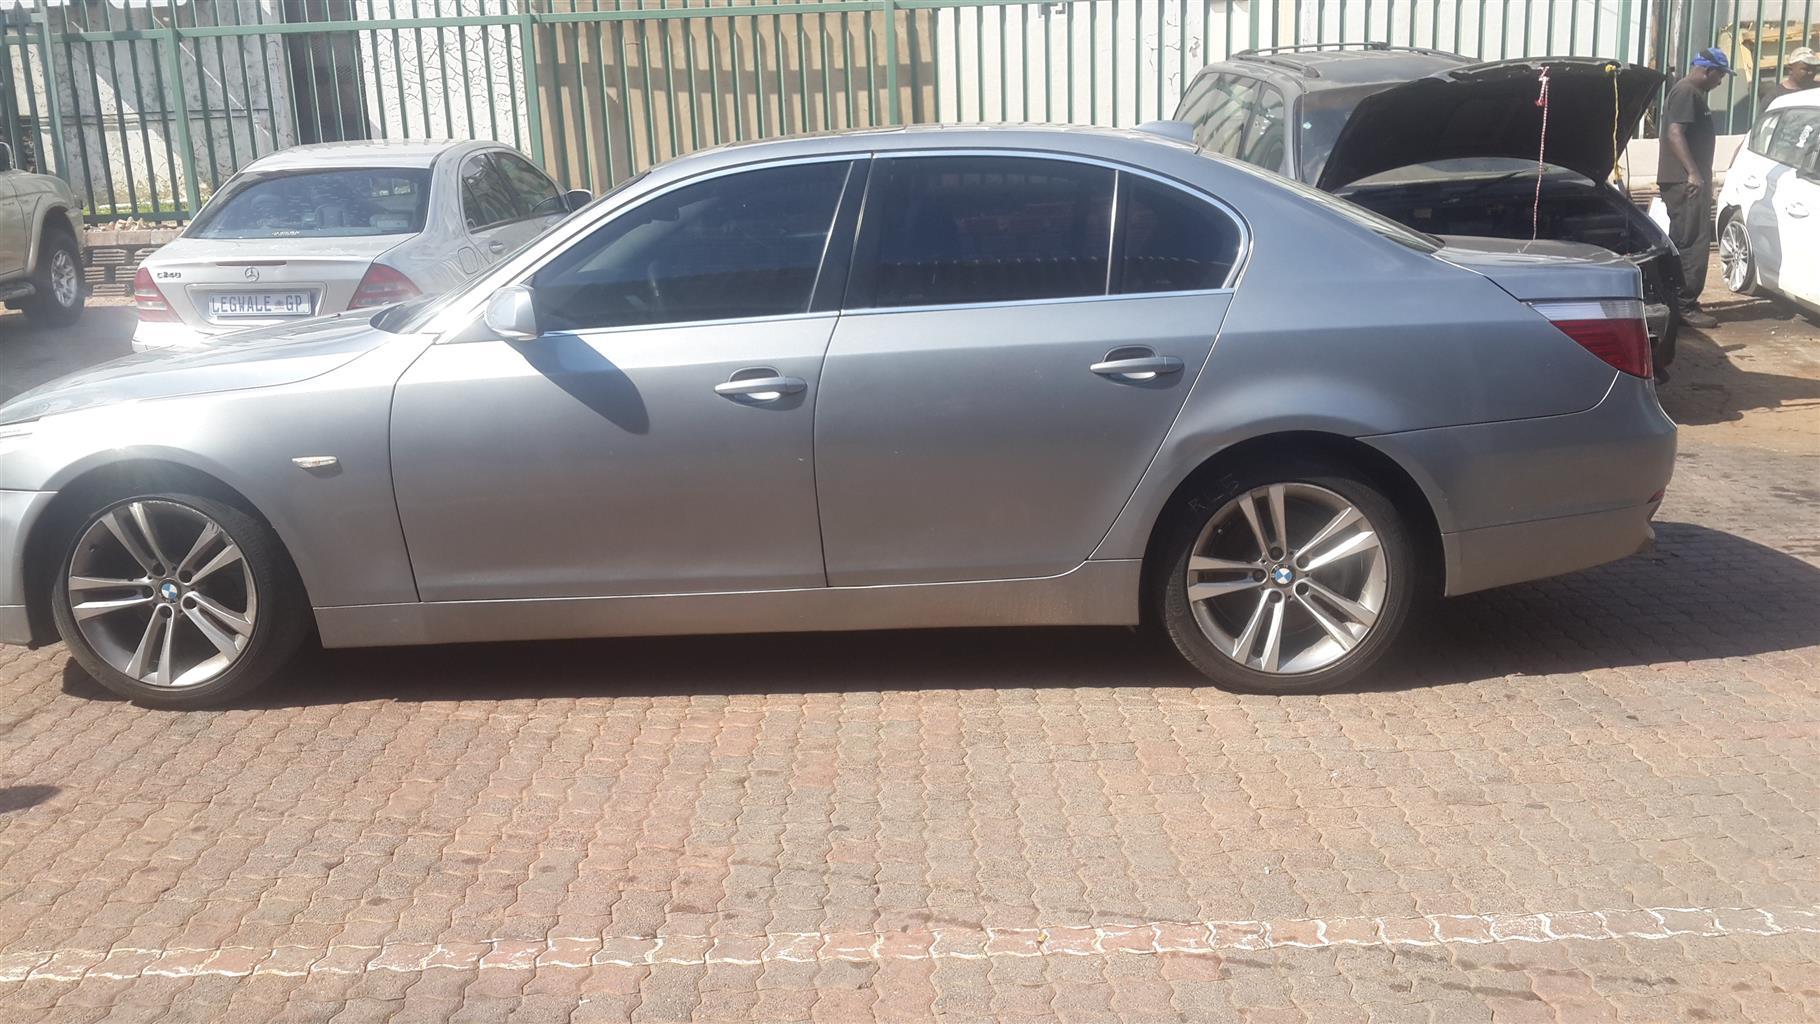 BMW E60 525I Spares For Sale